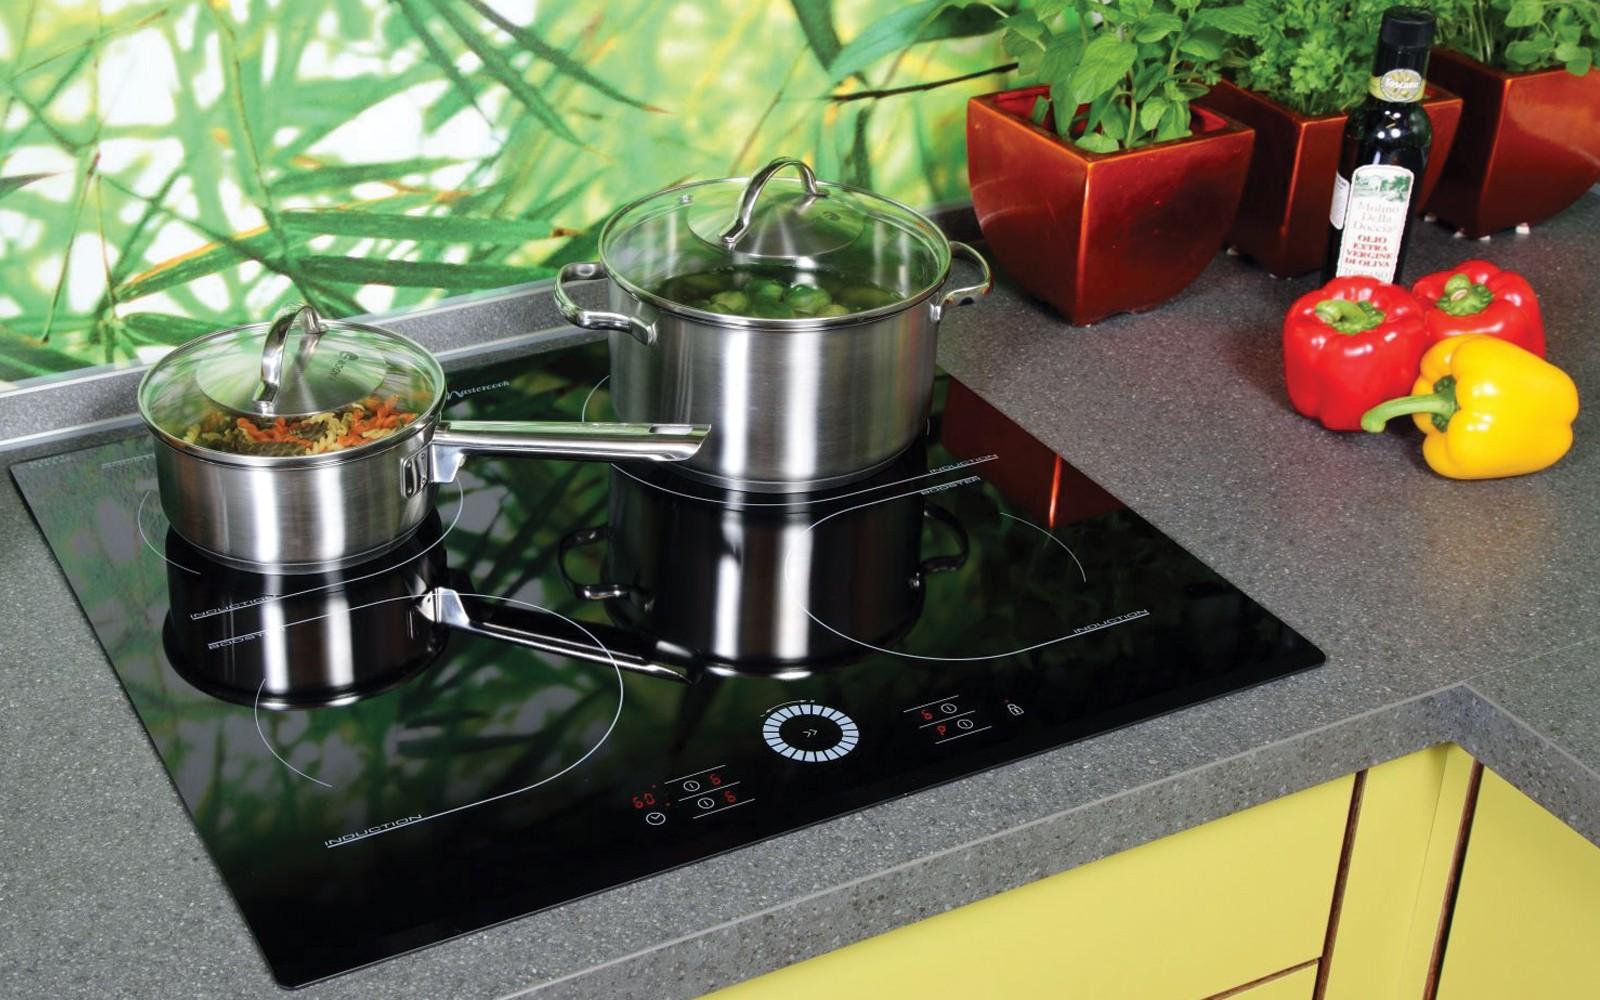 Sự khác biệt của bếp từ ggm nhập khẩu với bếp từ nội địa